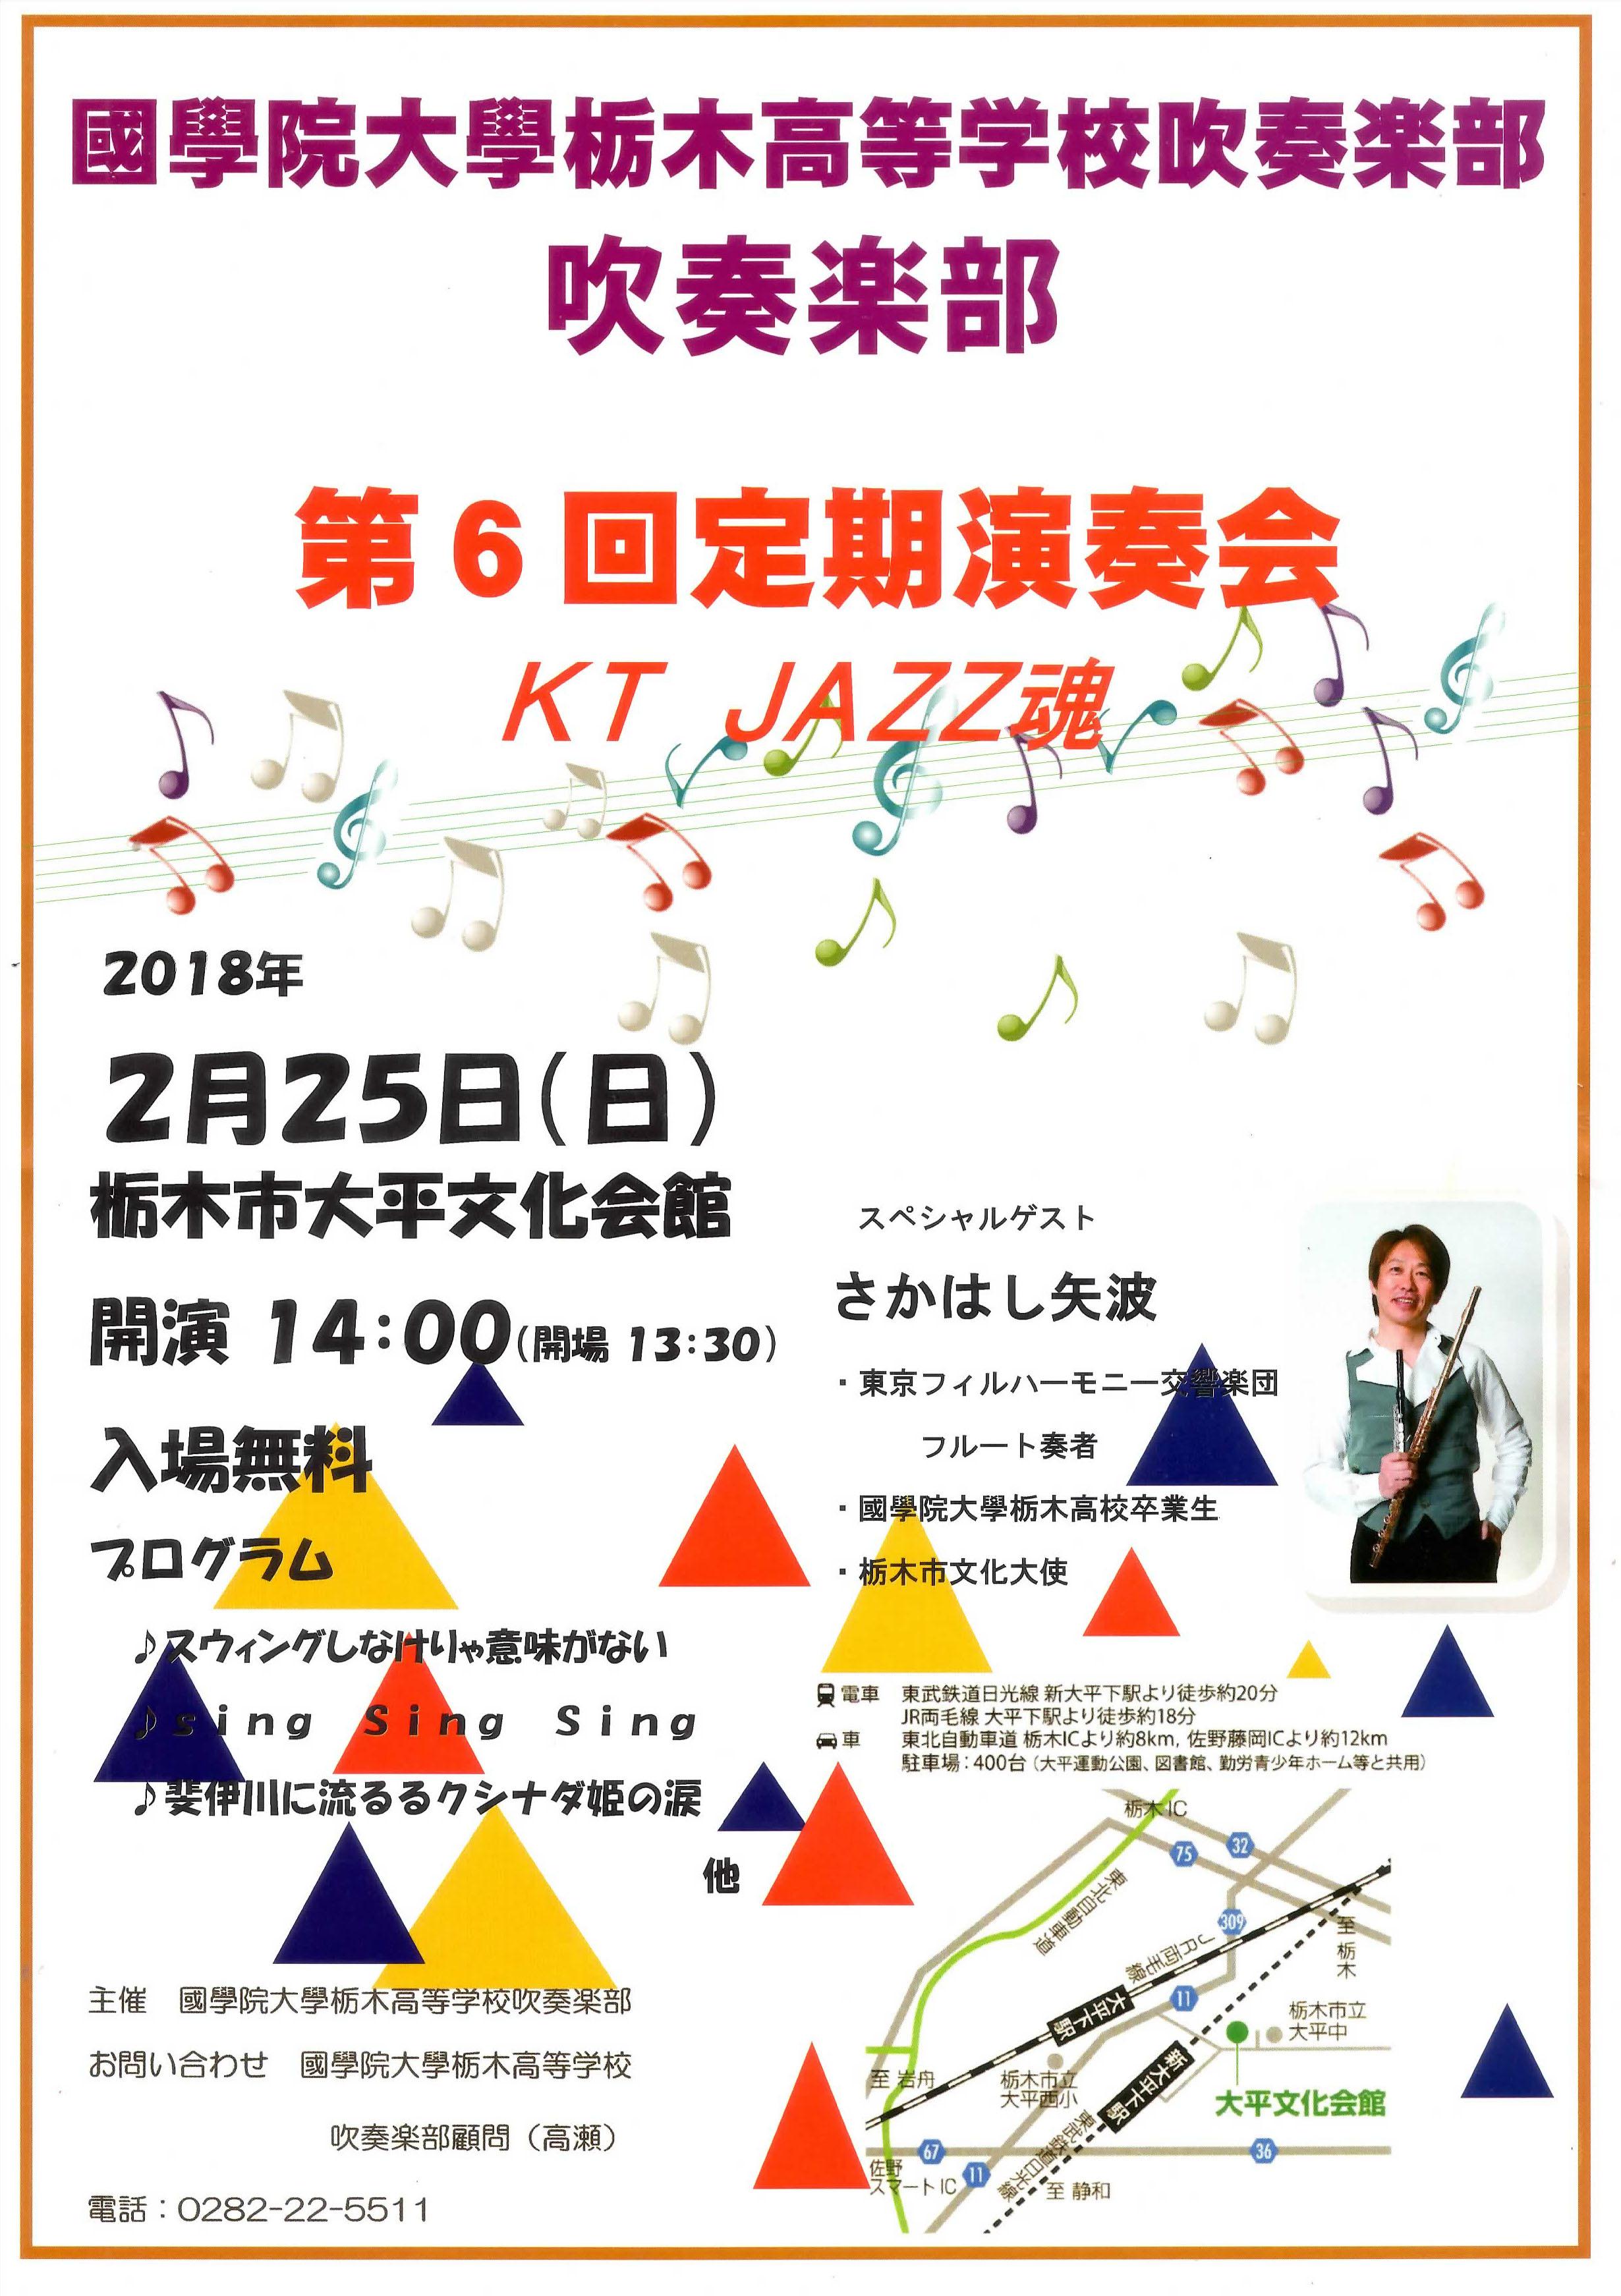 國學院大學栃木高等学校吹奏楽部第6回定期演奏会